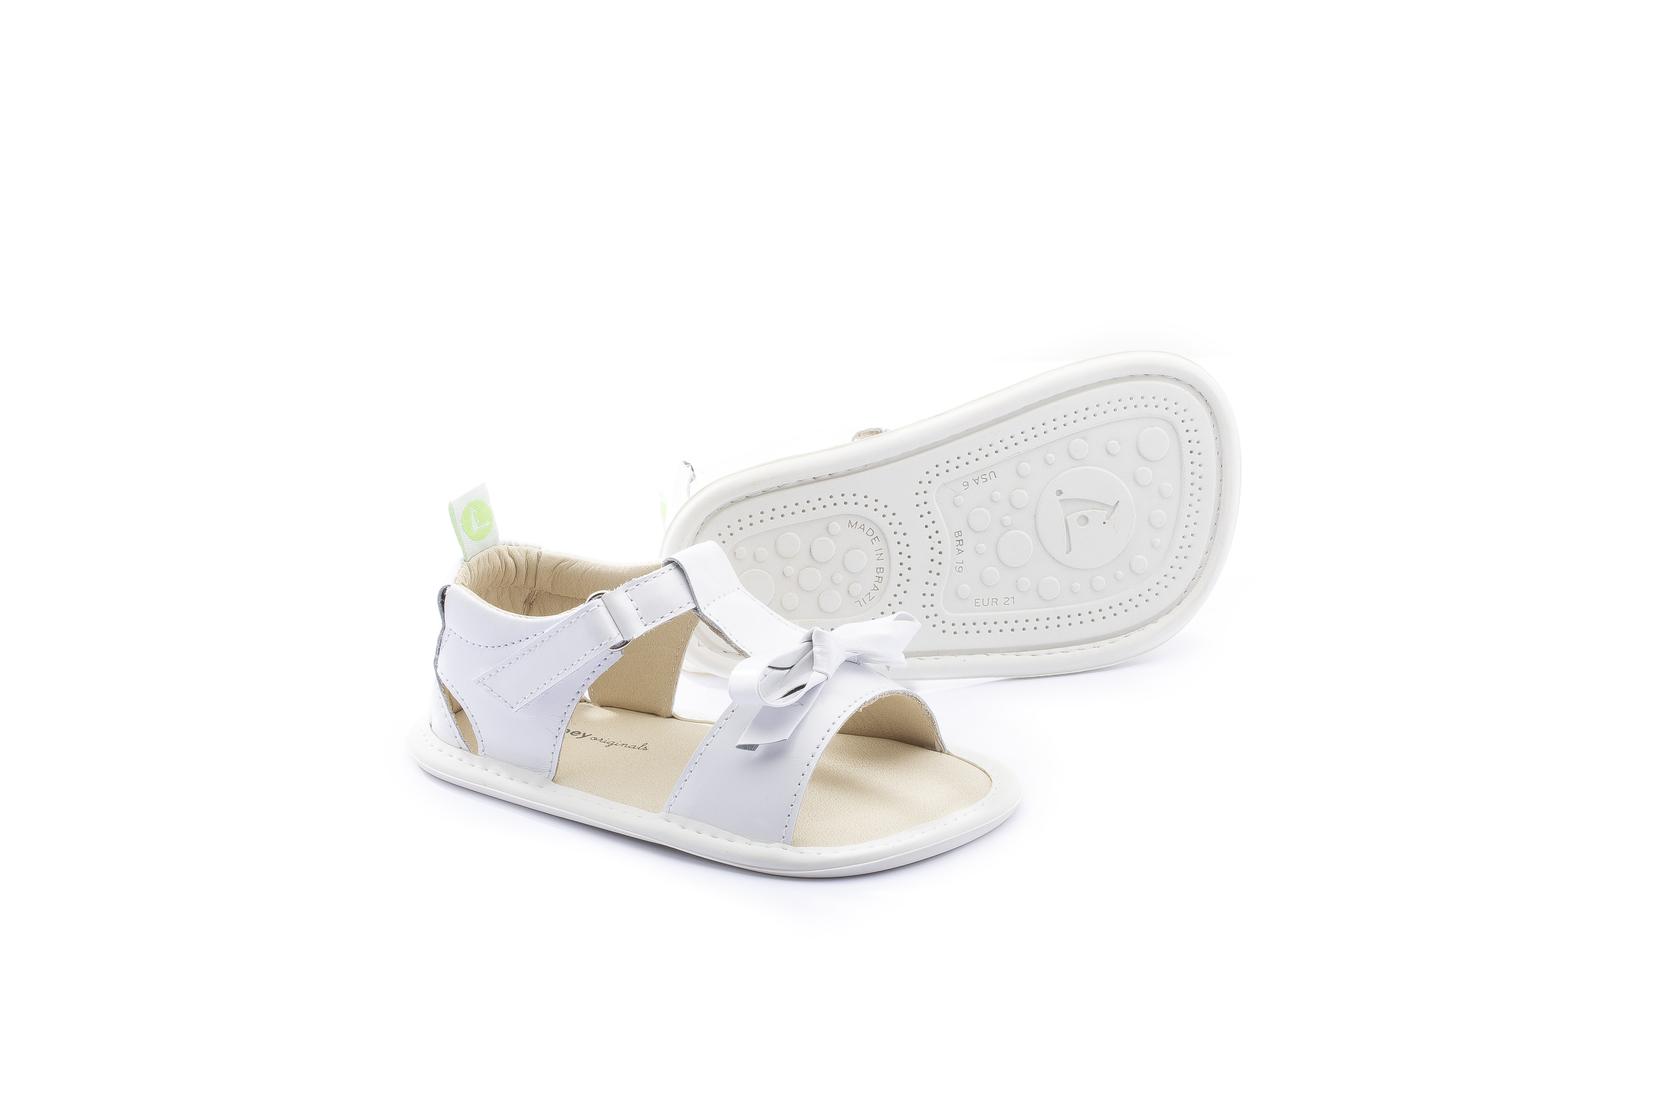 Sandália bebê feminino whimsy